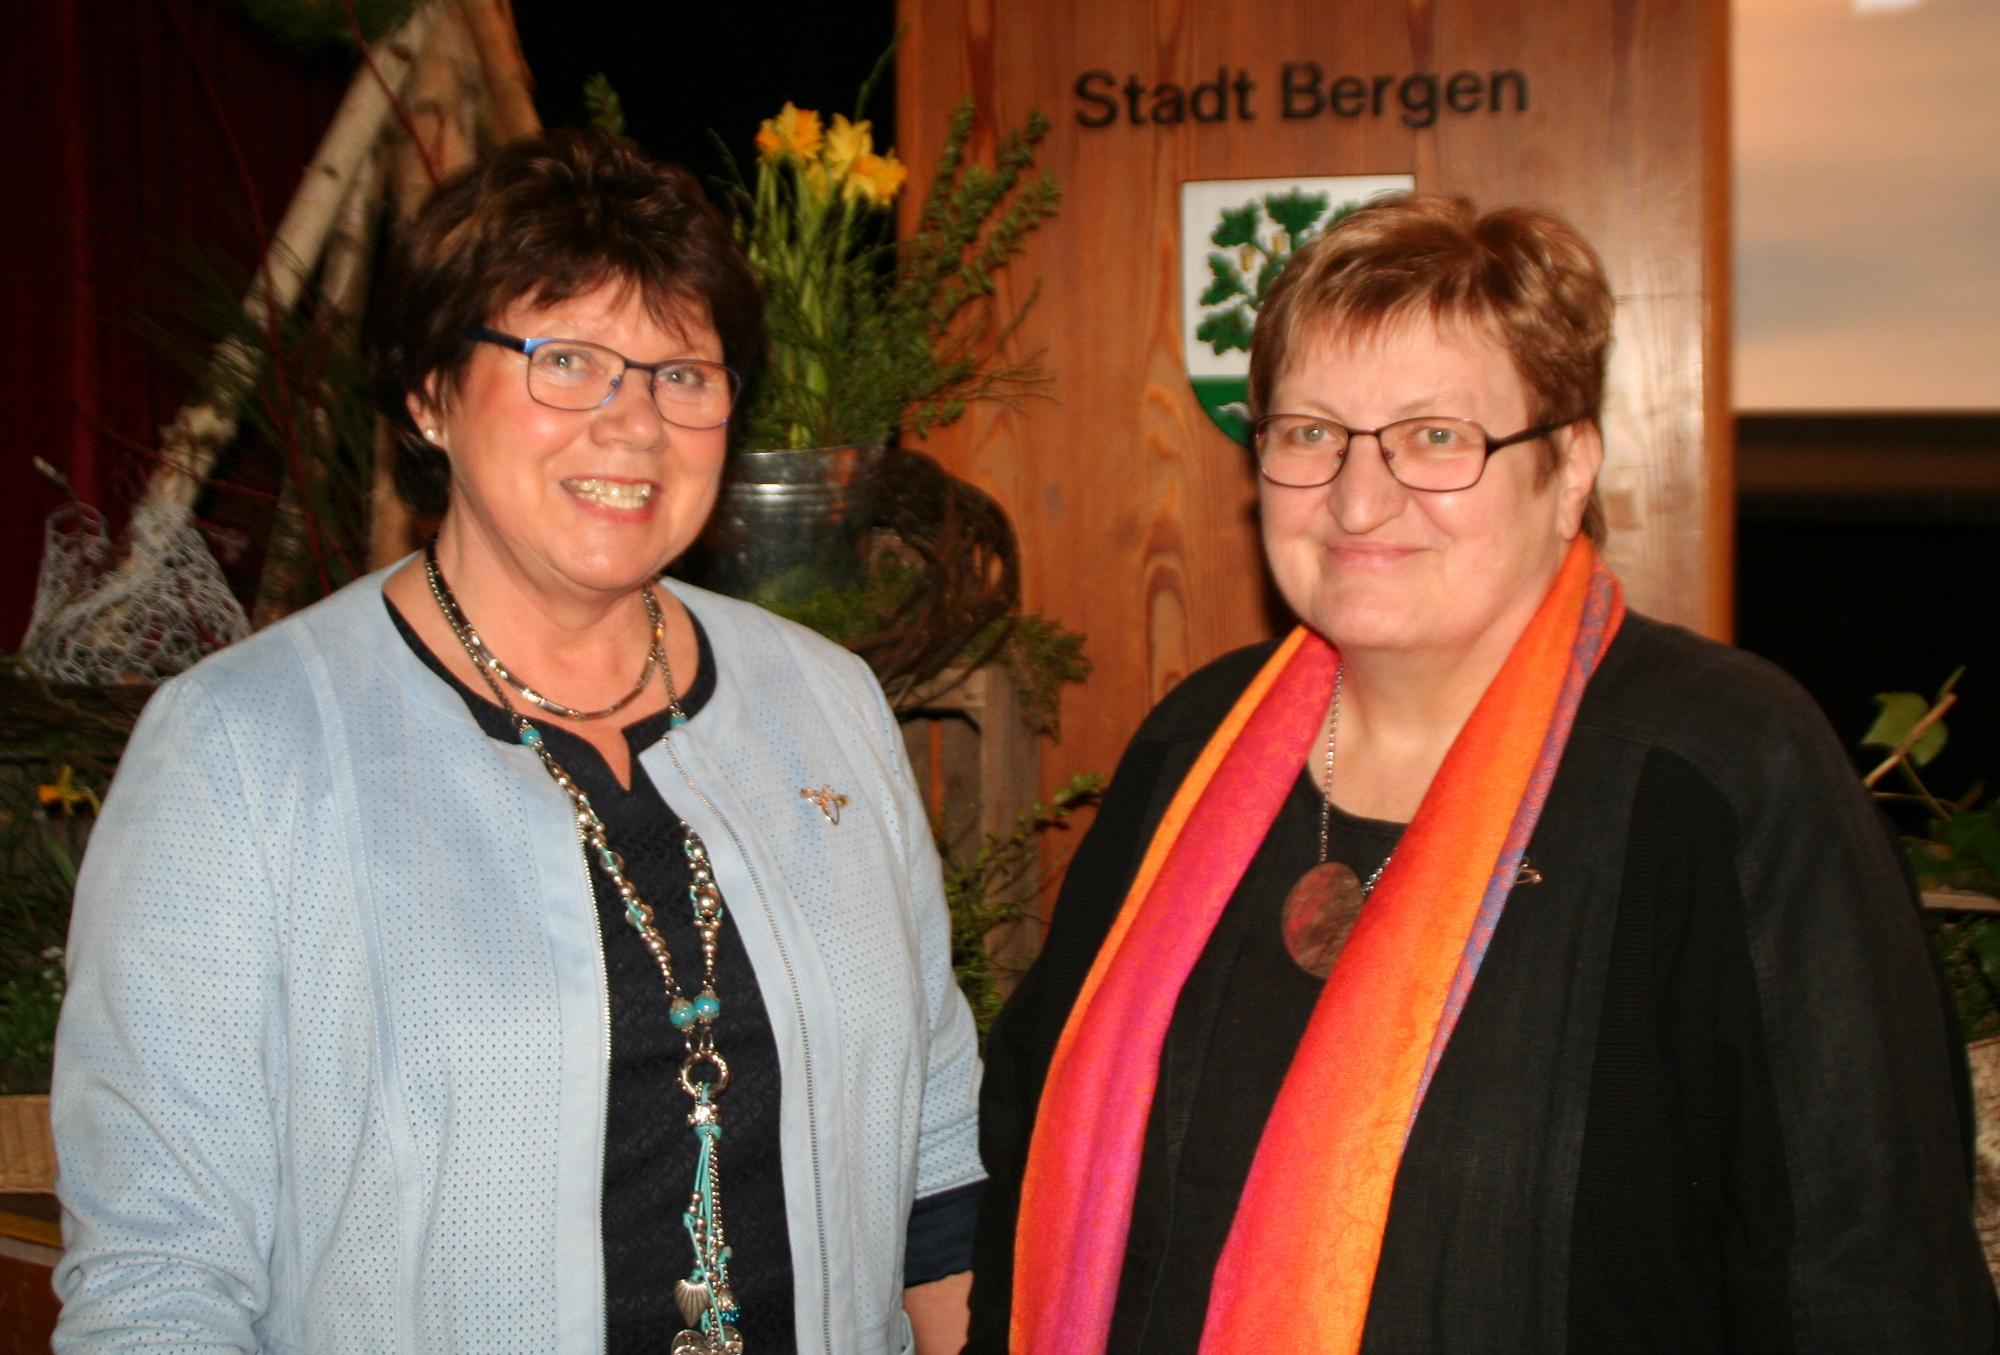 1. Kreisvorsitzende llsedore Heidmann und 2. Vorsitzende Anette Icken